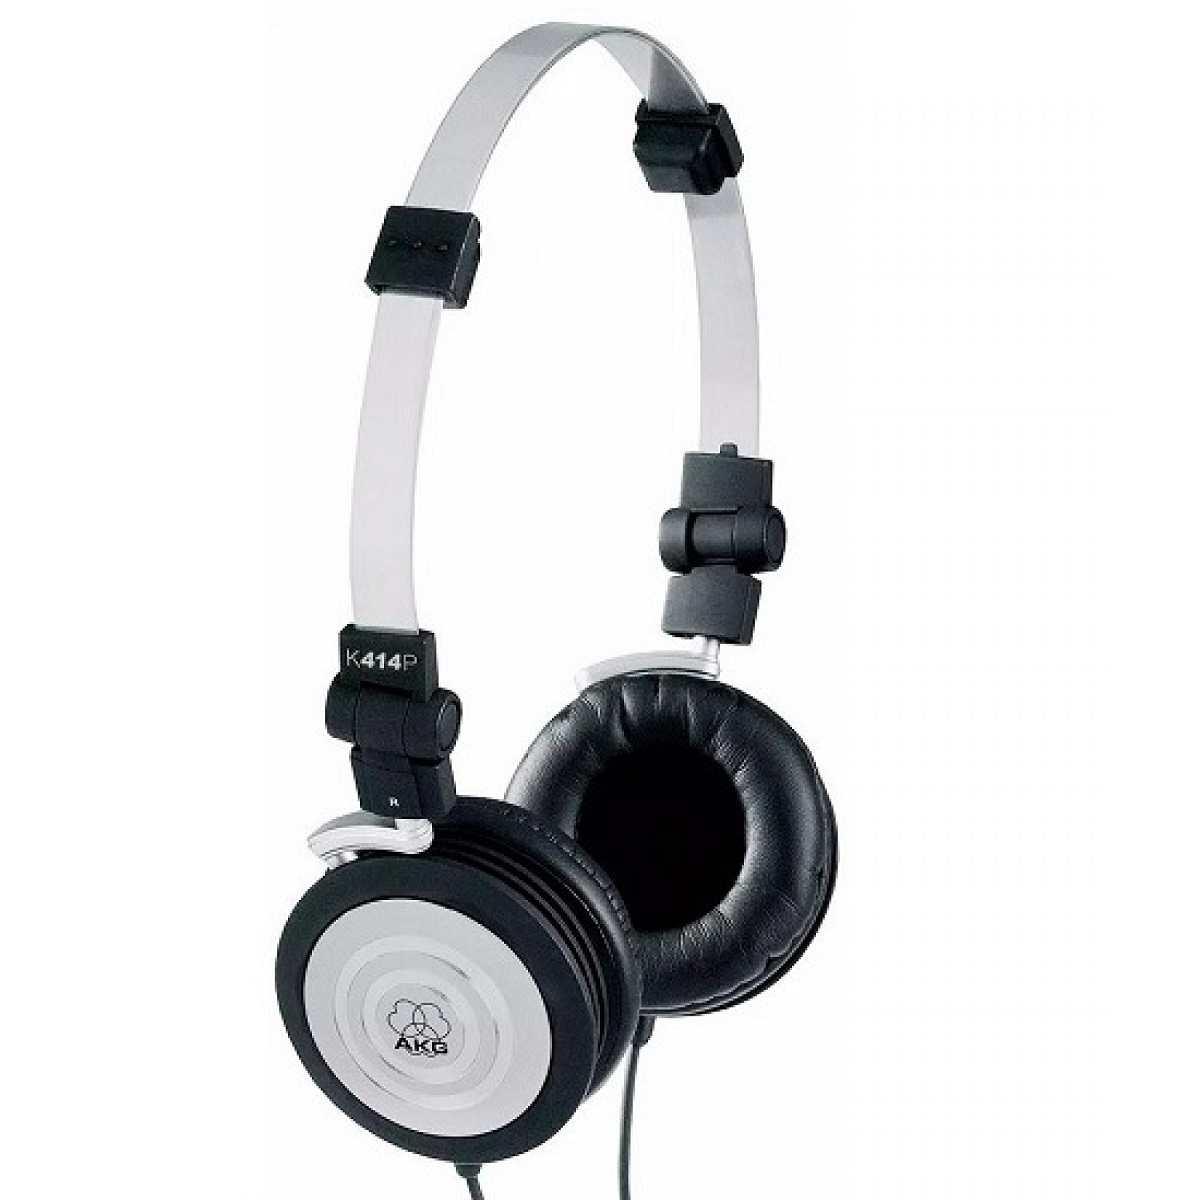 Fone de Ouvido Profissional Djs - Sonorização Compacto K414P Preto/Prata AKG